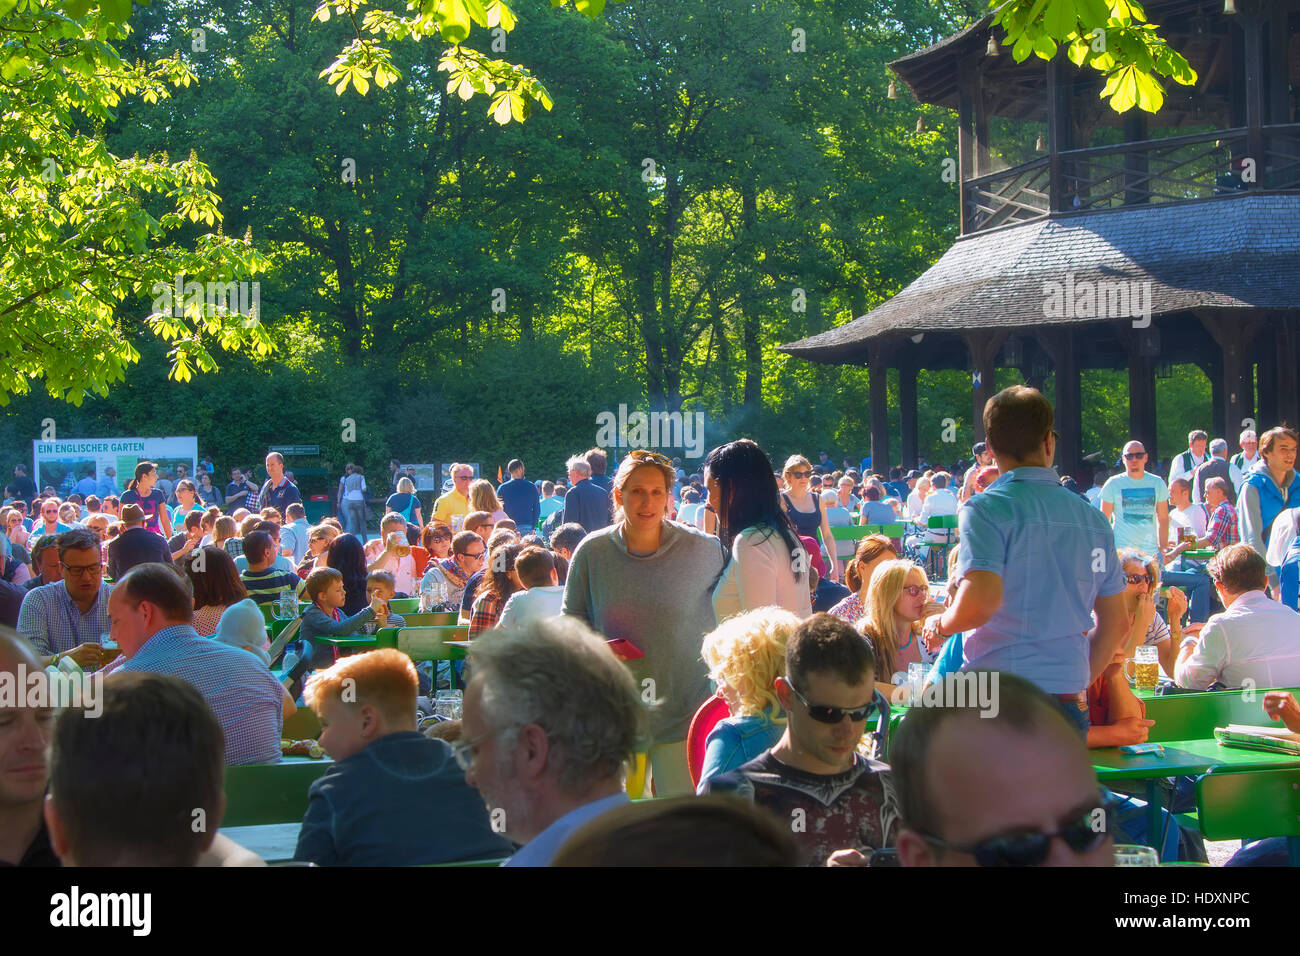 Beer garden at Englischer Garten, Munich - Stock Image